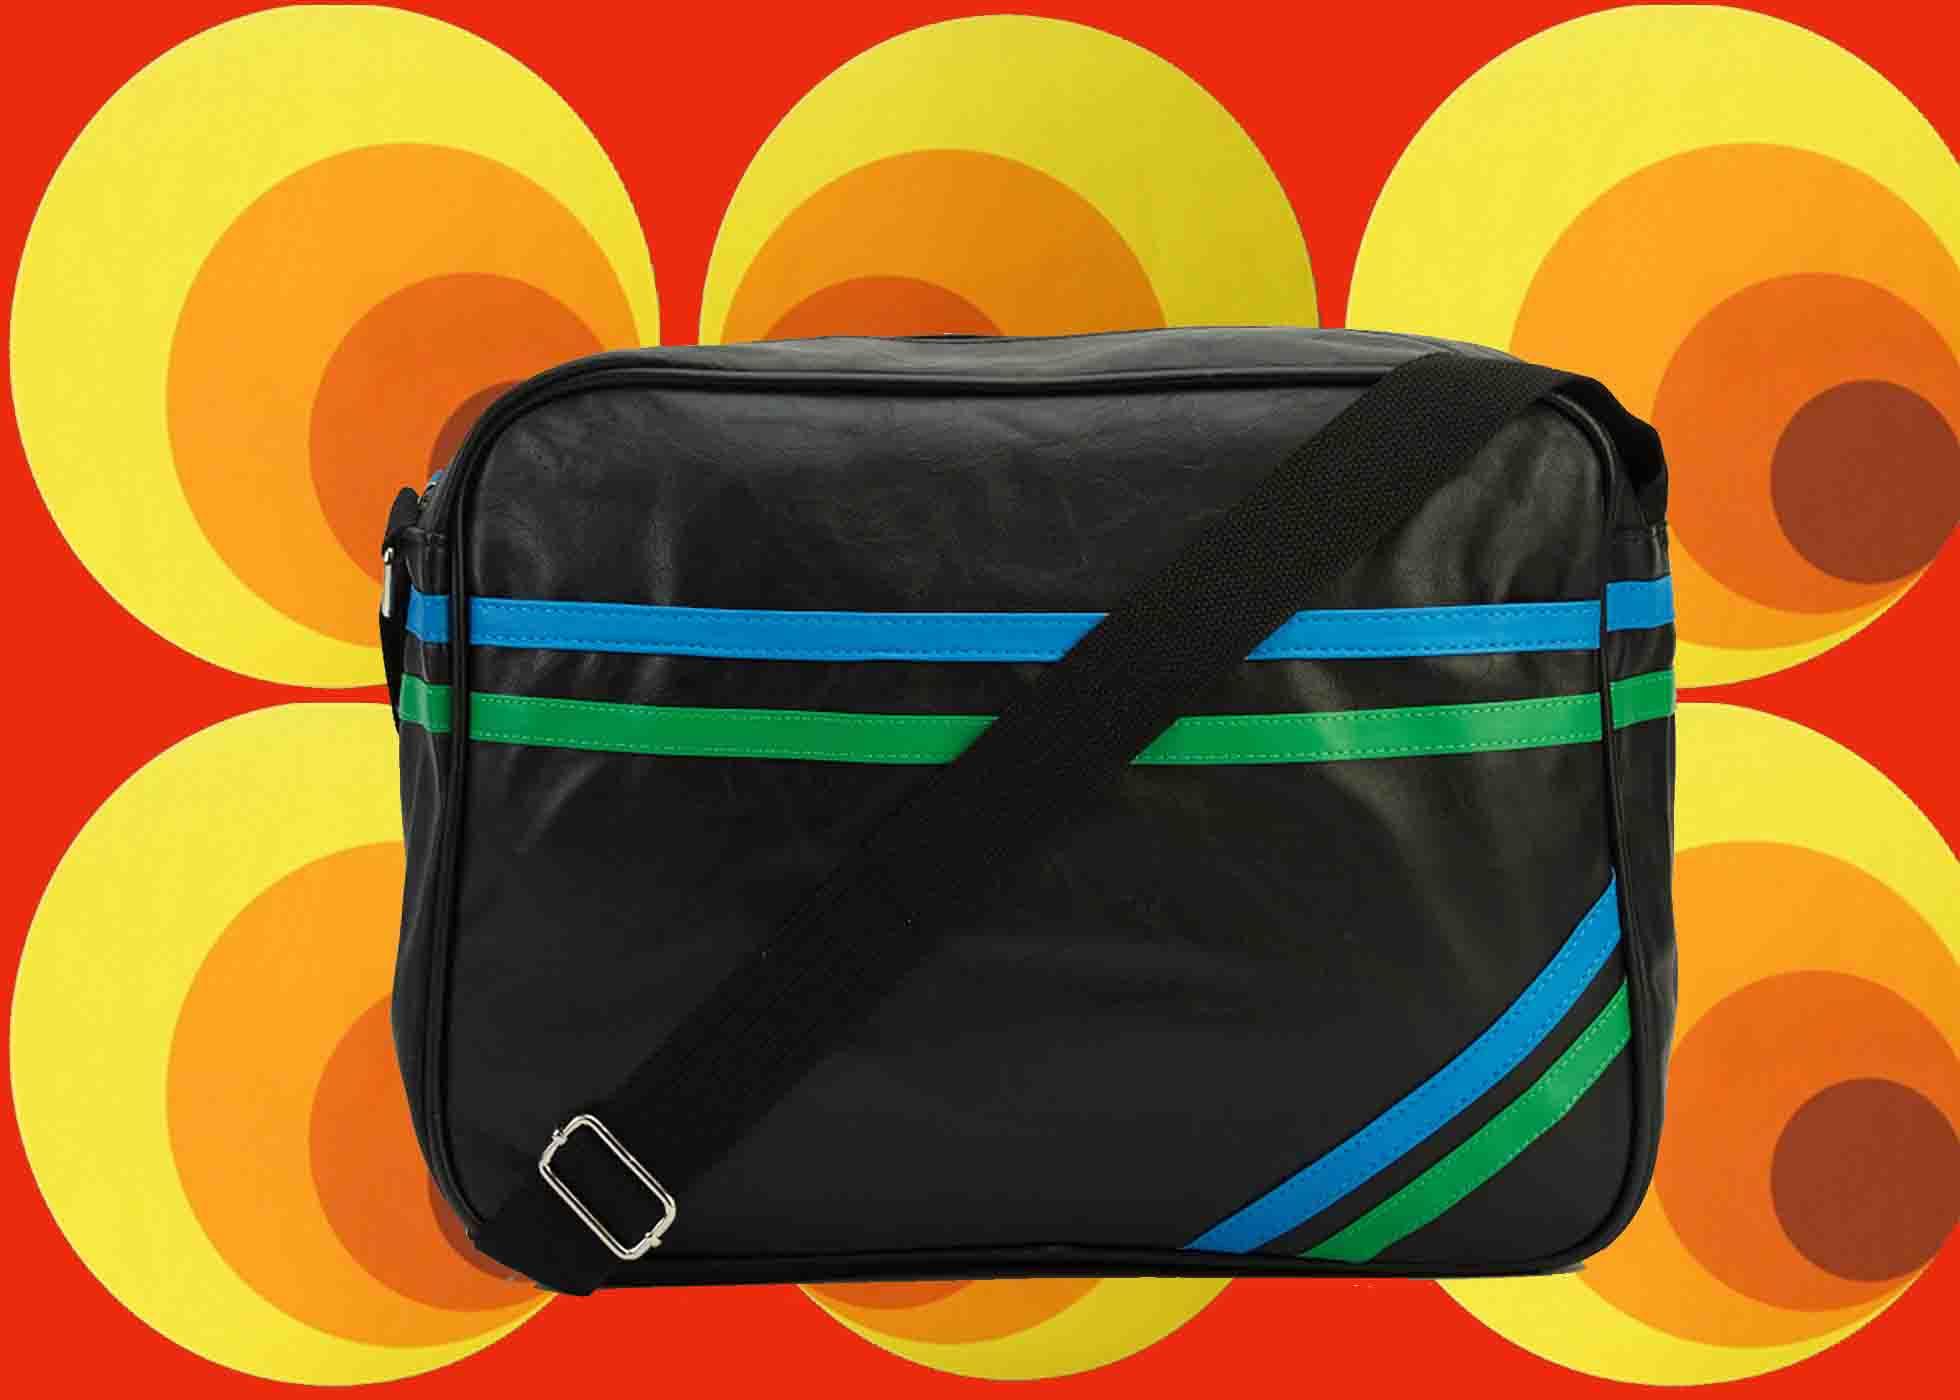 bcd0f8a16faf0 564✪ 70er Jahre Retro Herren Vintage UmhängeTasche Sporttasche schwarz grün  blau